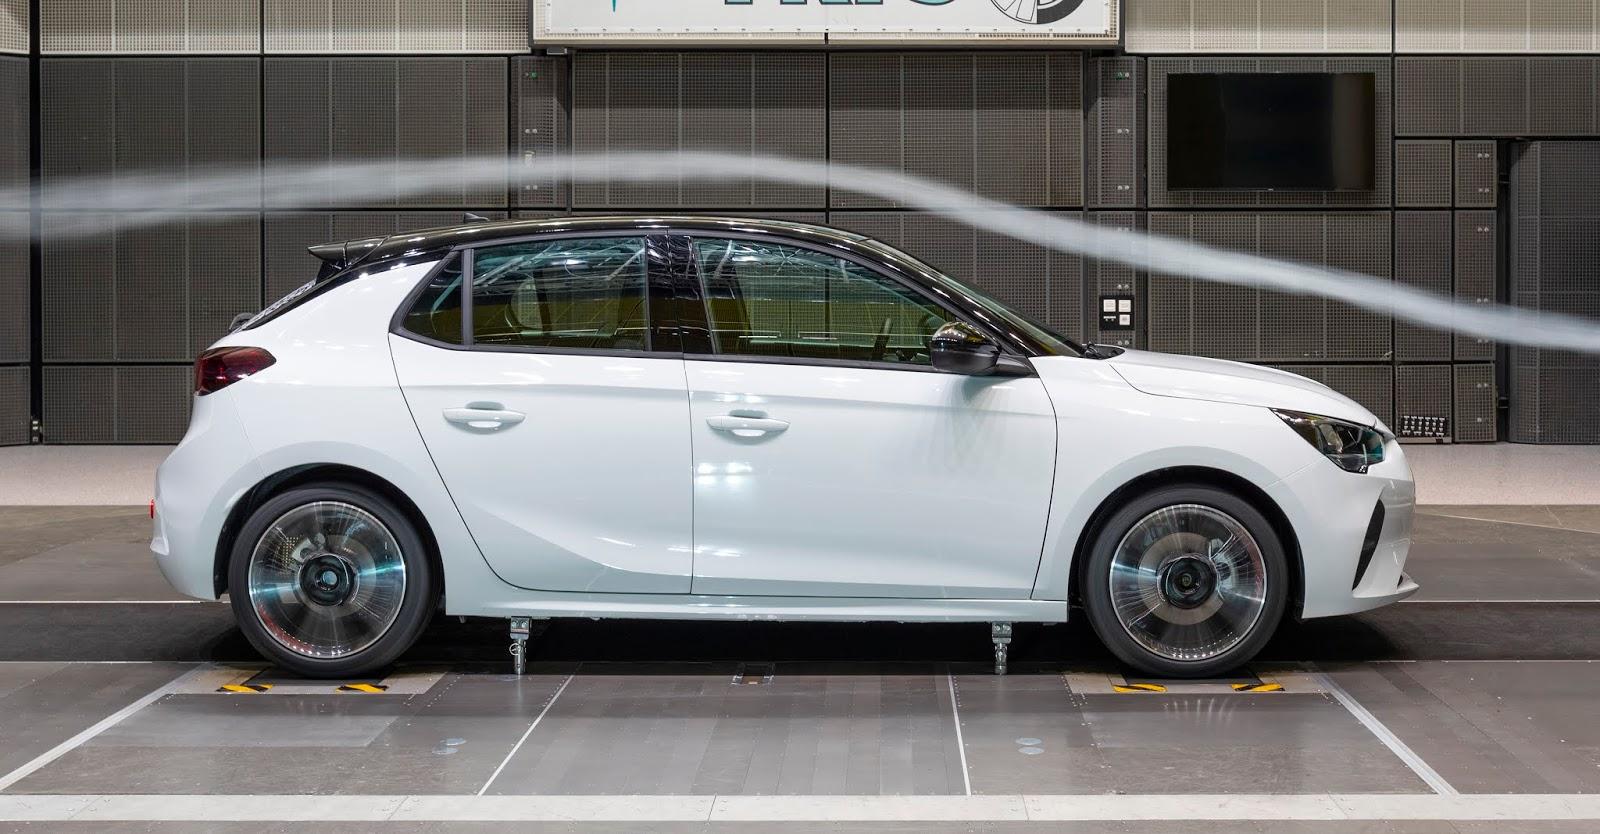 2019 - [Opel] Corsa F [P2JO] - Page 13 2019-opel-aerodynamic-507976